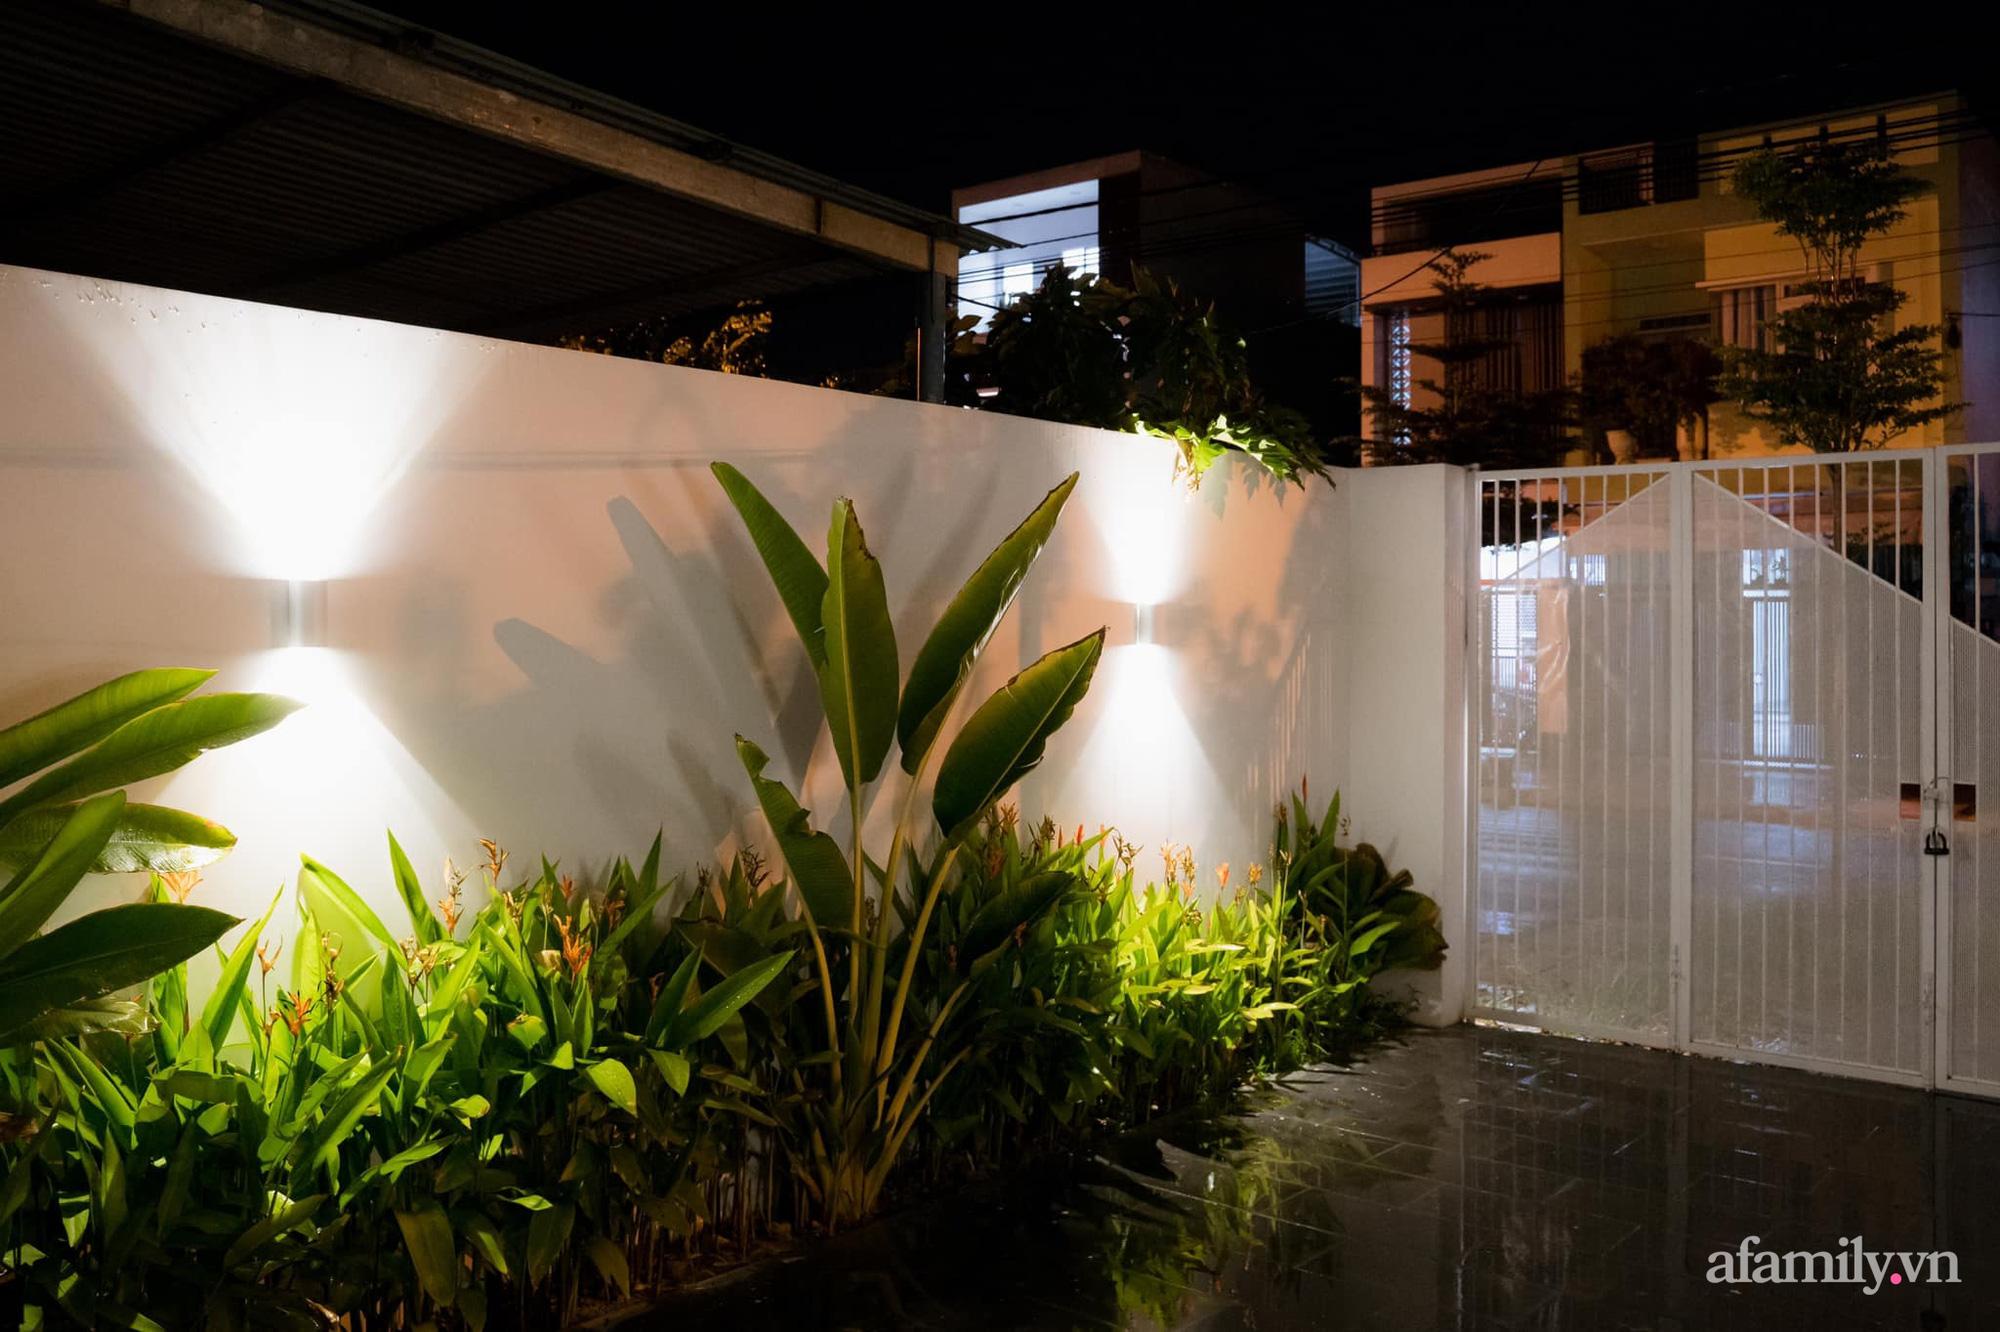 Căn nhà phố màu trắng gọn xinh ấm cúng của cặp vợ chồng trẻ Đà Nẵng có chi phí hoàn thiện 1,4 tỷ đồng - Ảnh 19.